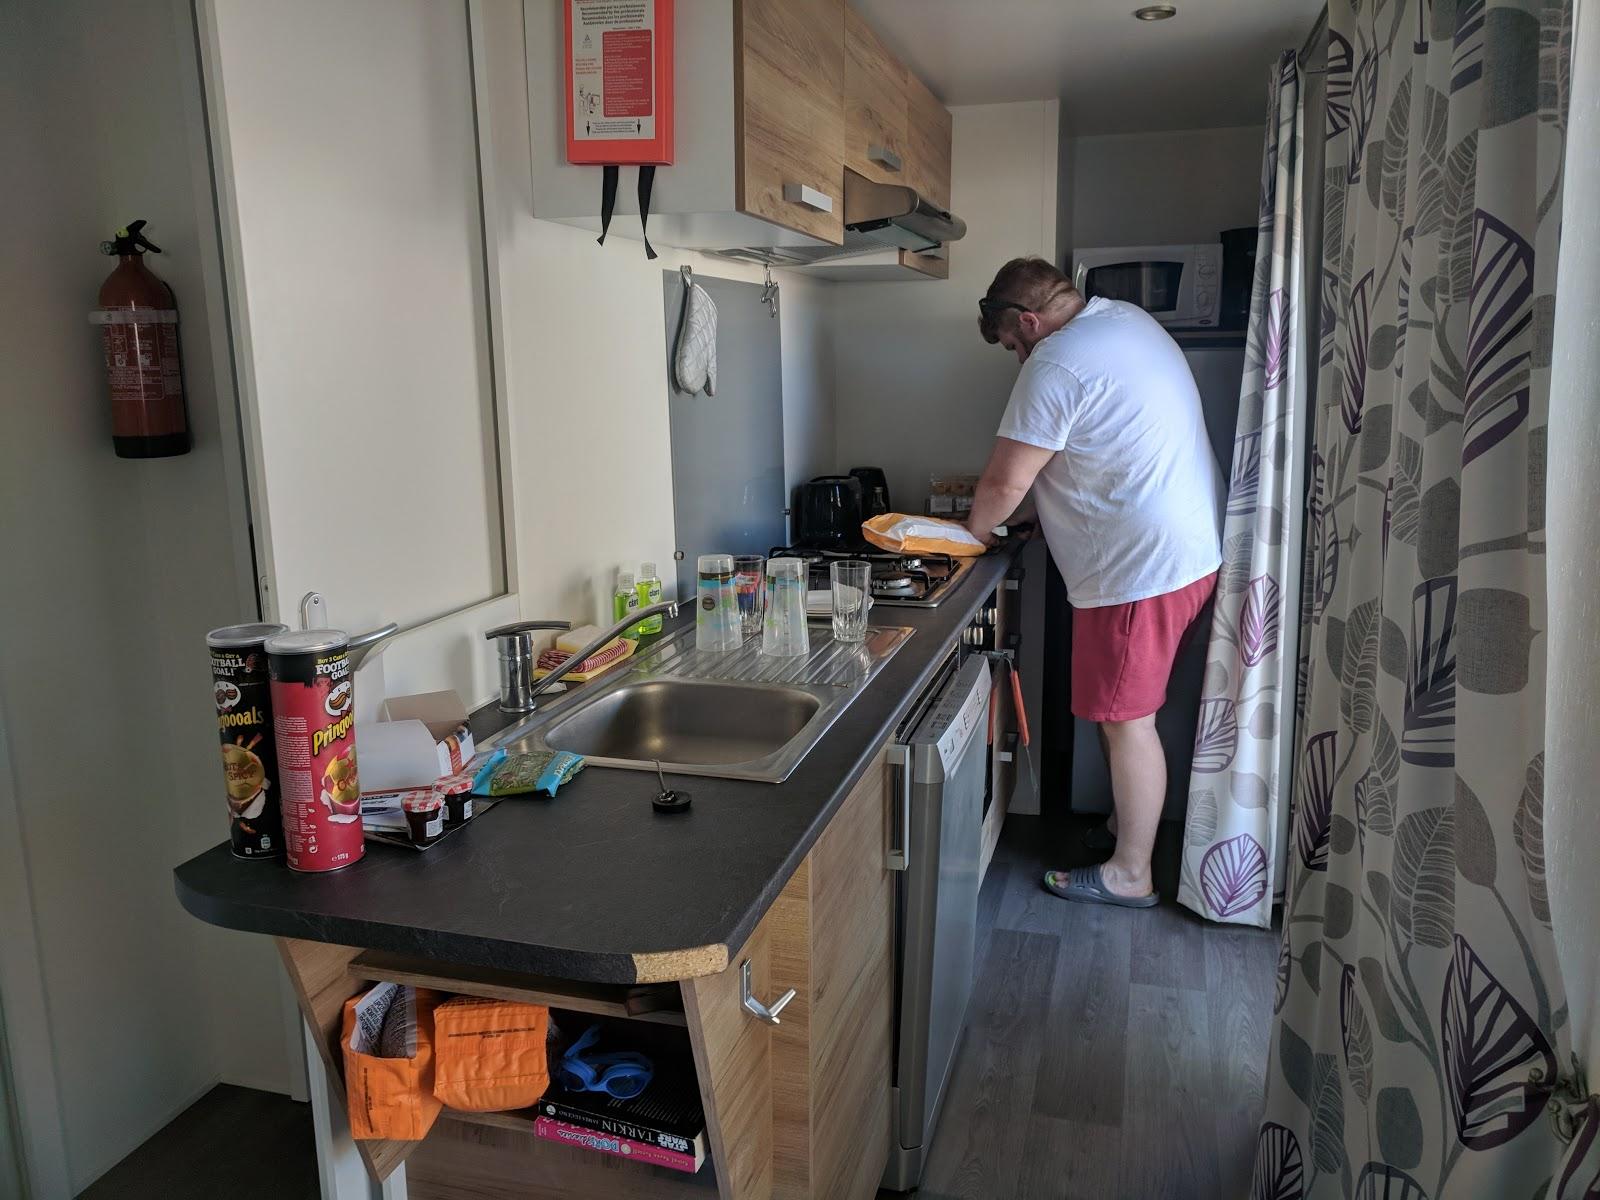 Les Ecureuils Campsite, Vendee - A Eurocamp Site near Puy du Fou (Full Review) - avant lodge kitchen